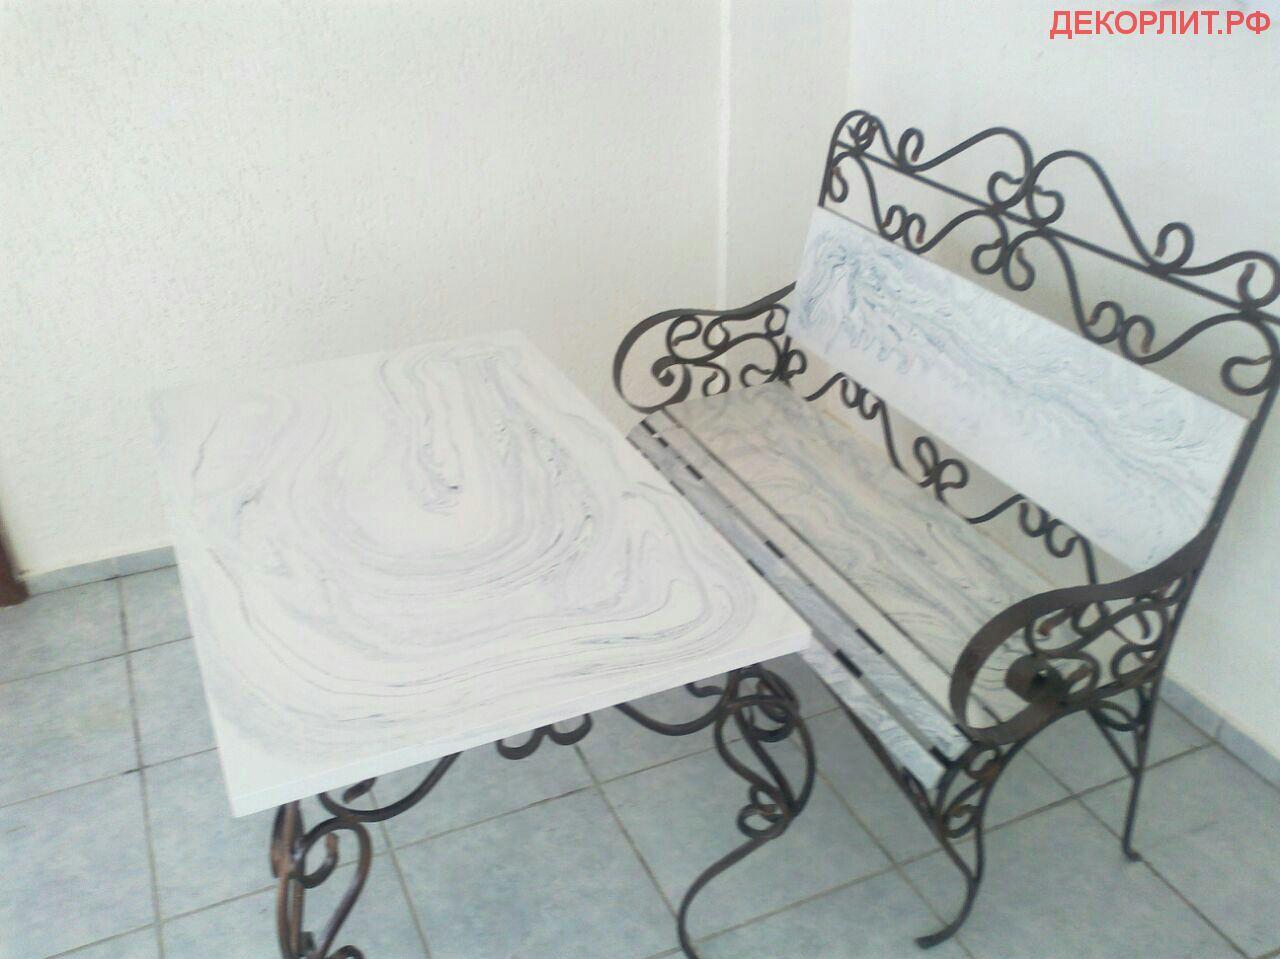 Бизнес идея по производству скамеек из композитных материалов под мрамор, оникс, гранит, RAL